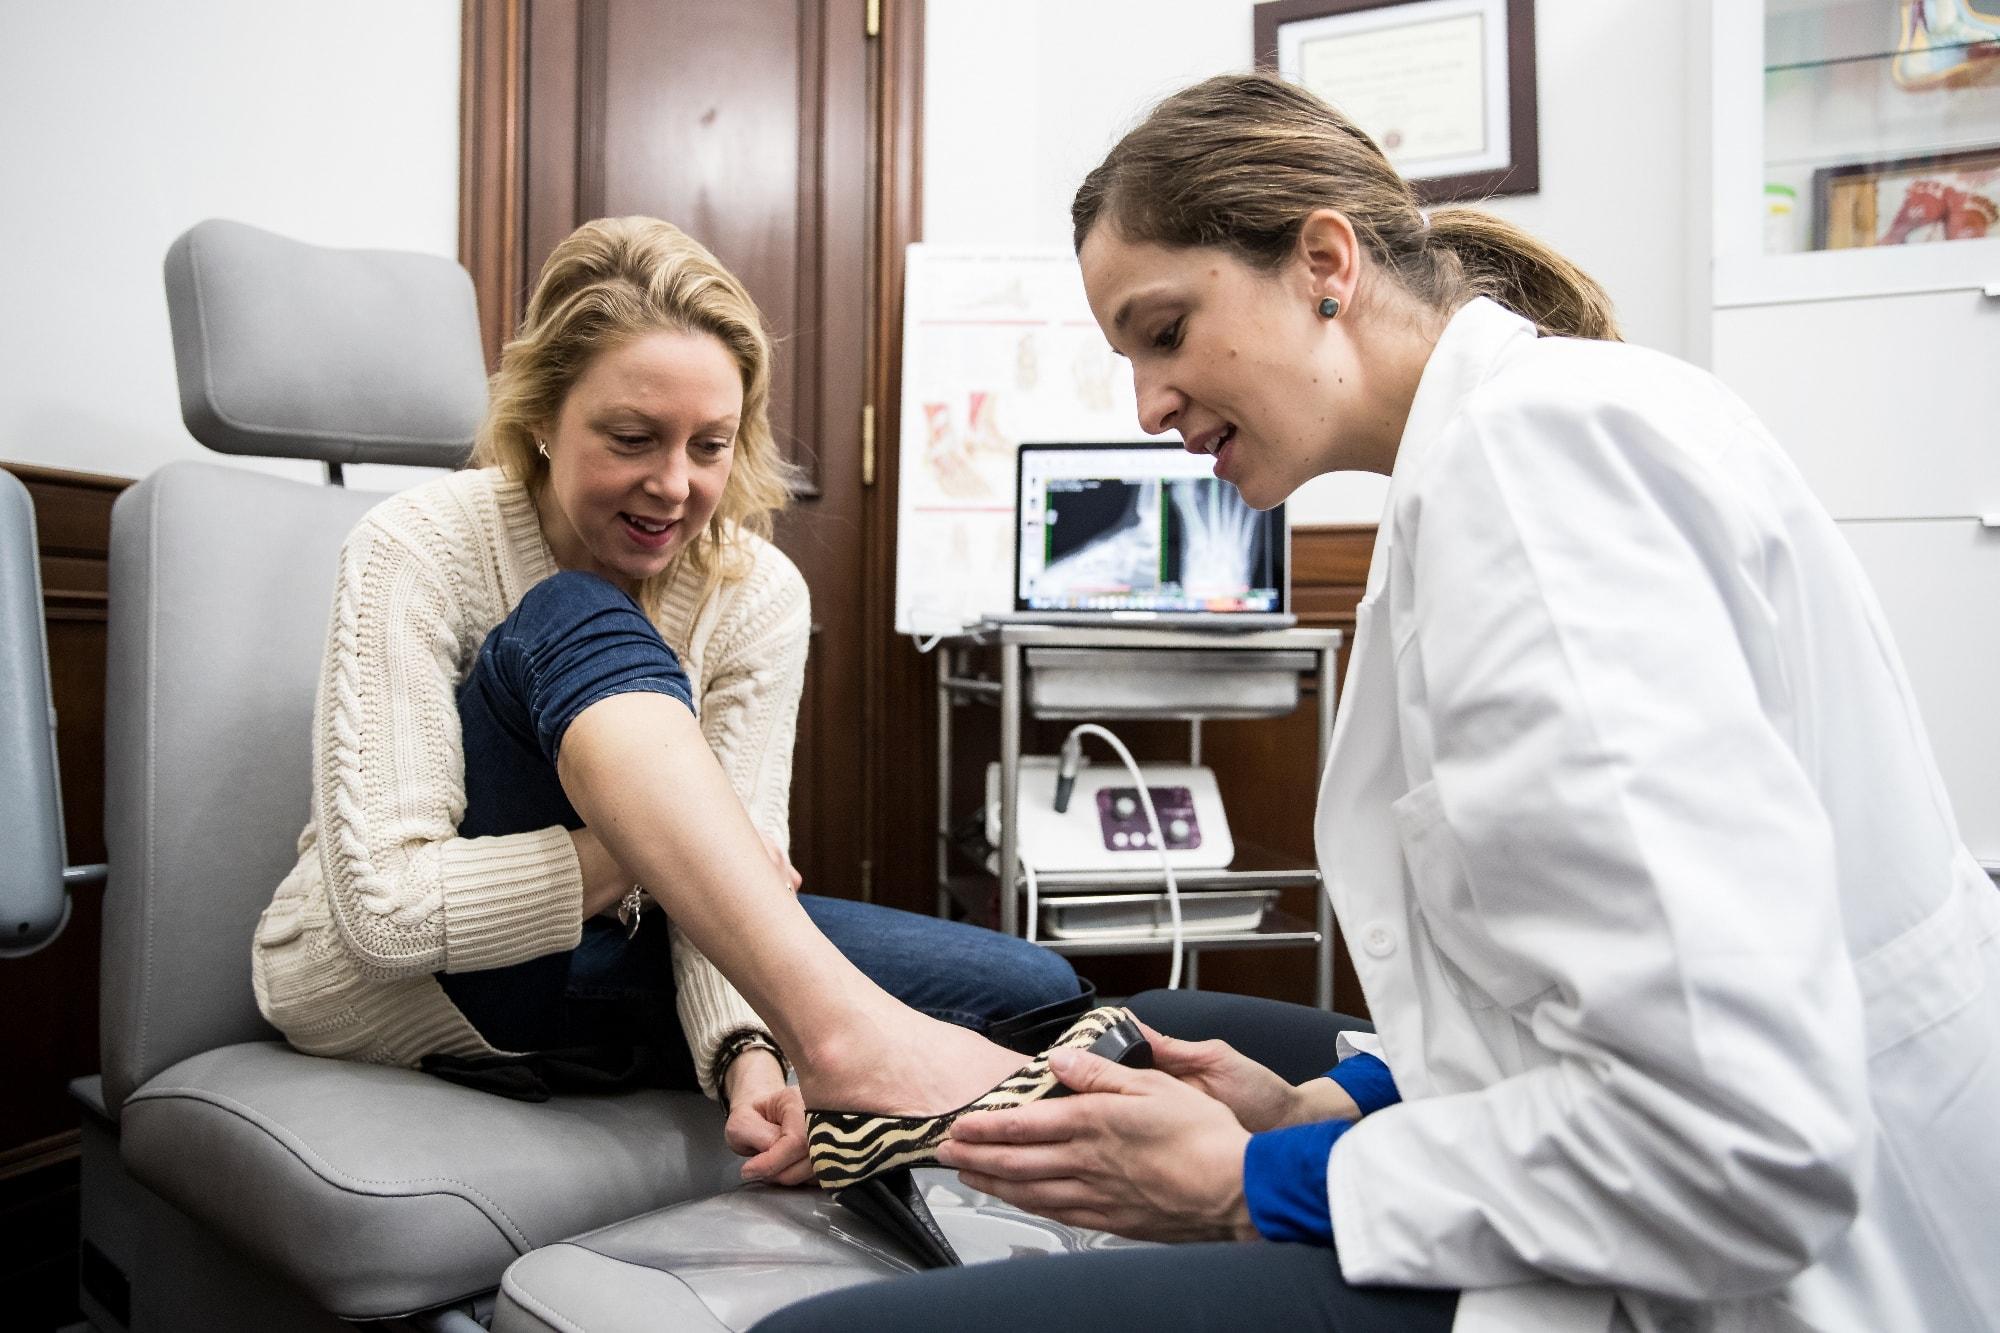 Podiatre en consultation à la Clinique de chirurgie du pied de Montréal